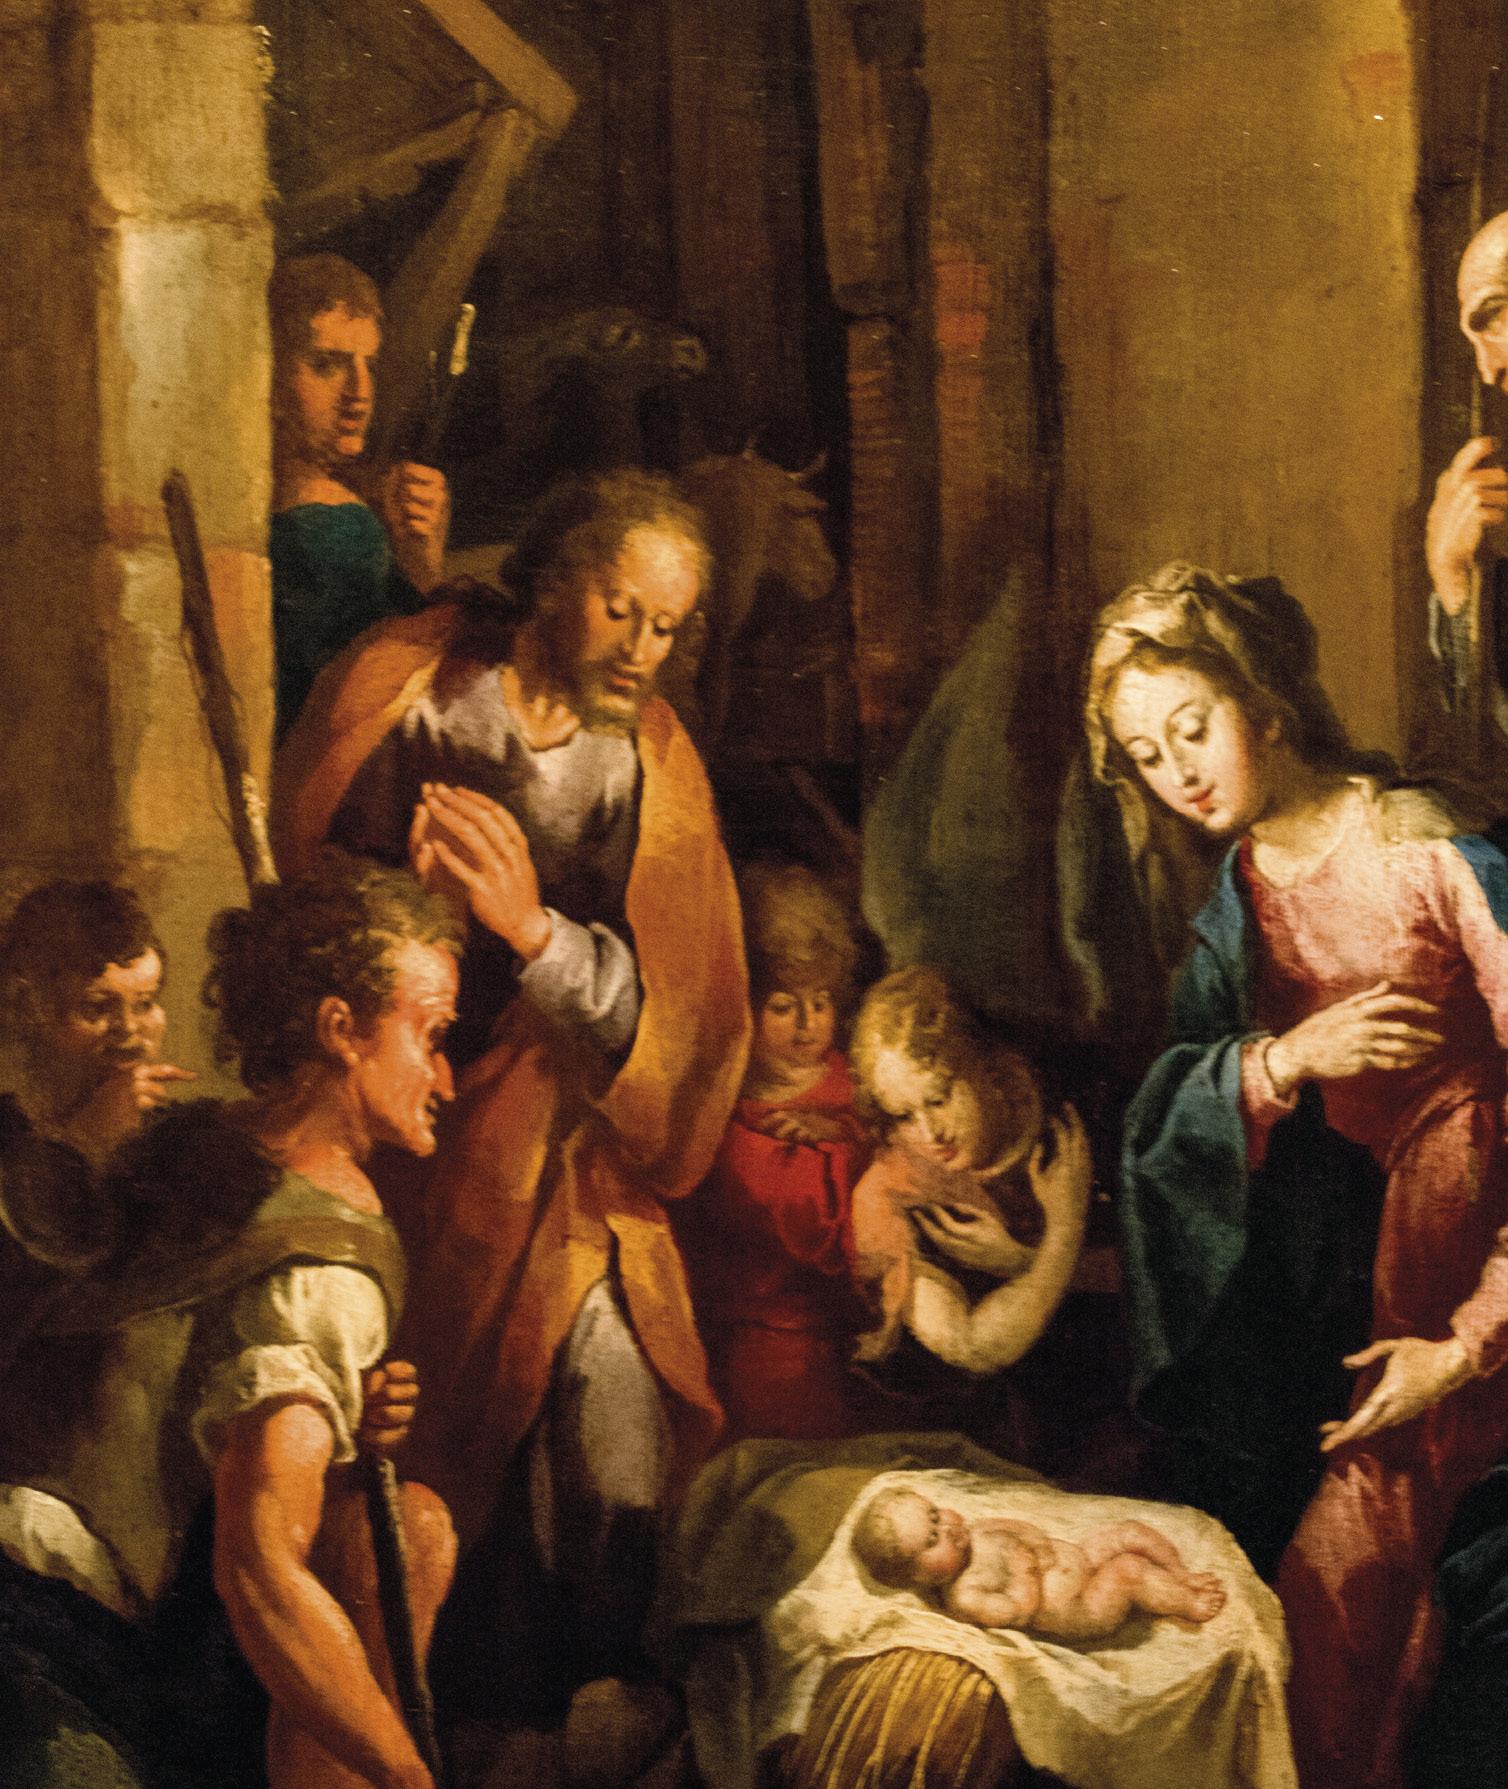 O nascimento de Jesus. Tela na Igreja de São Roque, Lisboa. Foto: Alex Balzanella, Commons | Wikimedia, 2016.